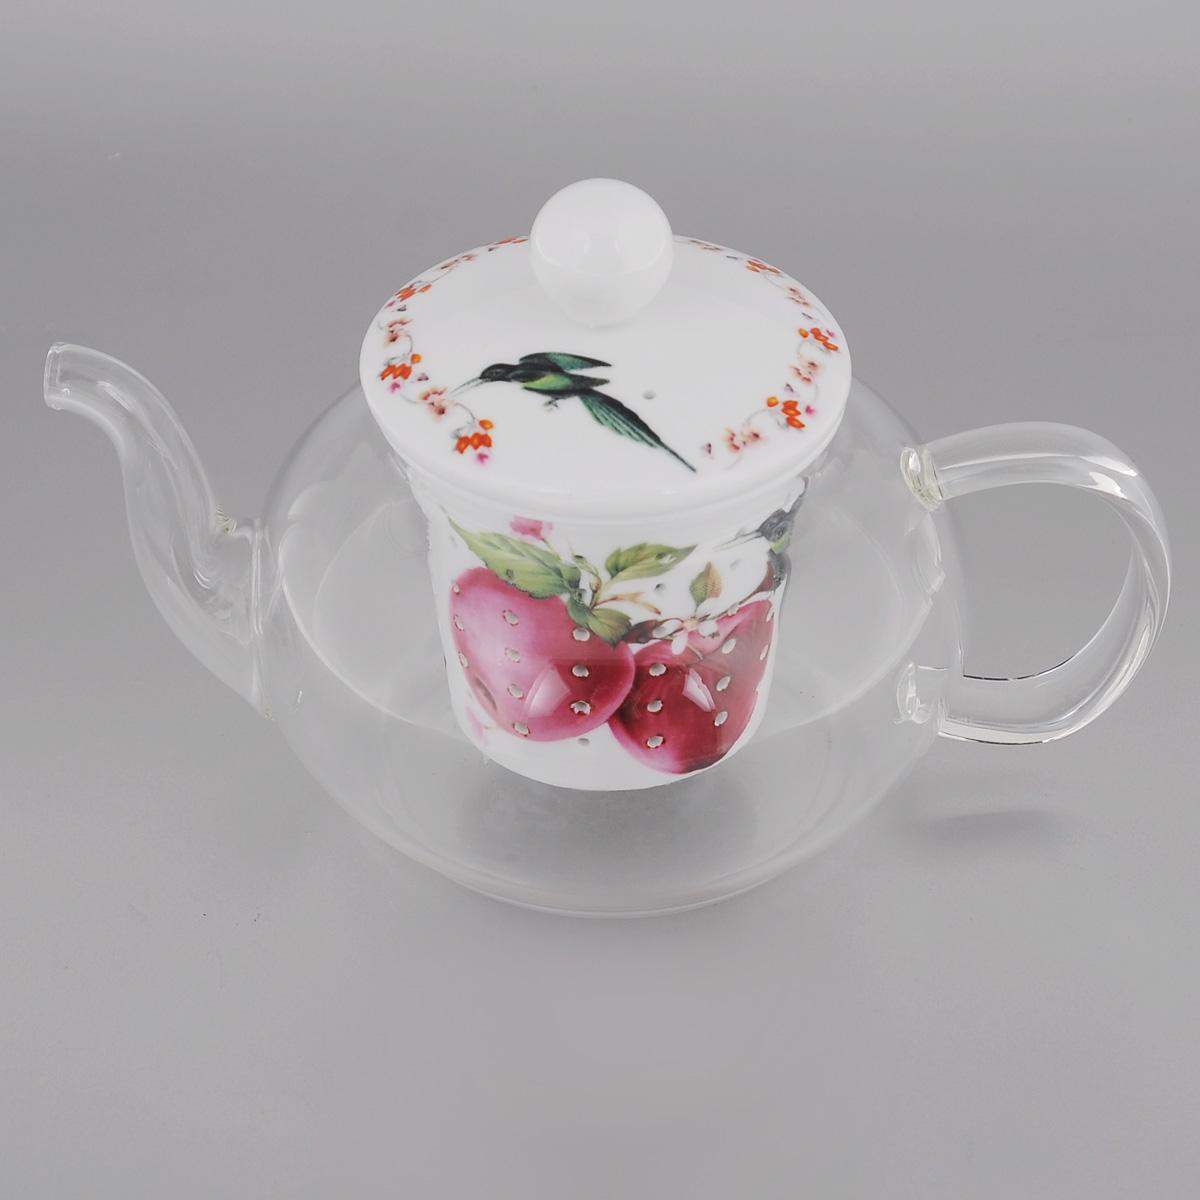 Чайник заварочный Lillo Яблоко, 600 млAW 12_яблокоЗаварочный чайник Lillo Яблоко изготовлен из жаропрочного стекла, которое хорошо удерживает тепло, даже если стенки достаточно тонкие. Чайник снабжен крышкой и съемным фильтром для заварки, выполненными из керамики с изящным изображением красных яблок. Благодаря маленьким отверстиям фильтр предотвращает попадание чаинок и листочков в настой. Чайник сочетает в себе оригинальный дизайн и функциональность. Он поможет заварить вкусный и аромат чай, а стильный дизайн красиво дополнит сервировку стола к чаепитию. Объем: 600 мл. Диаметр (по верхнему краю): 7 см. Высота чайника: 7,5 см. Высота фильтра: 6,5 см.